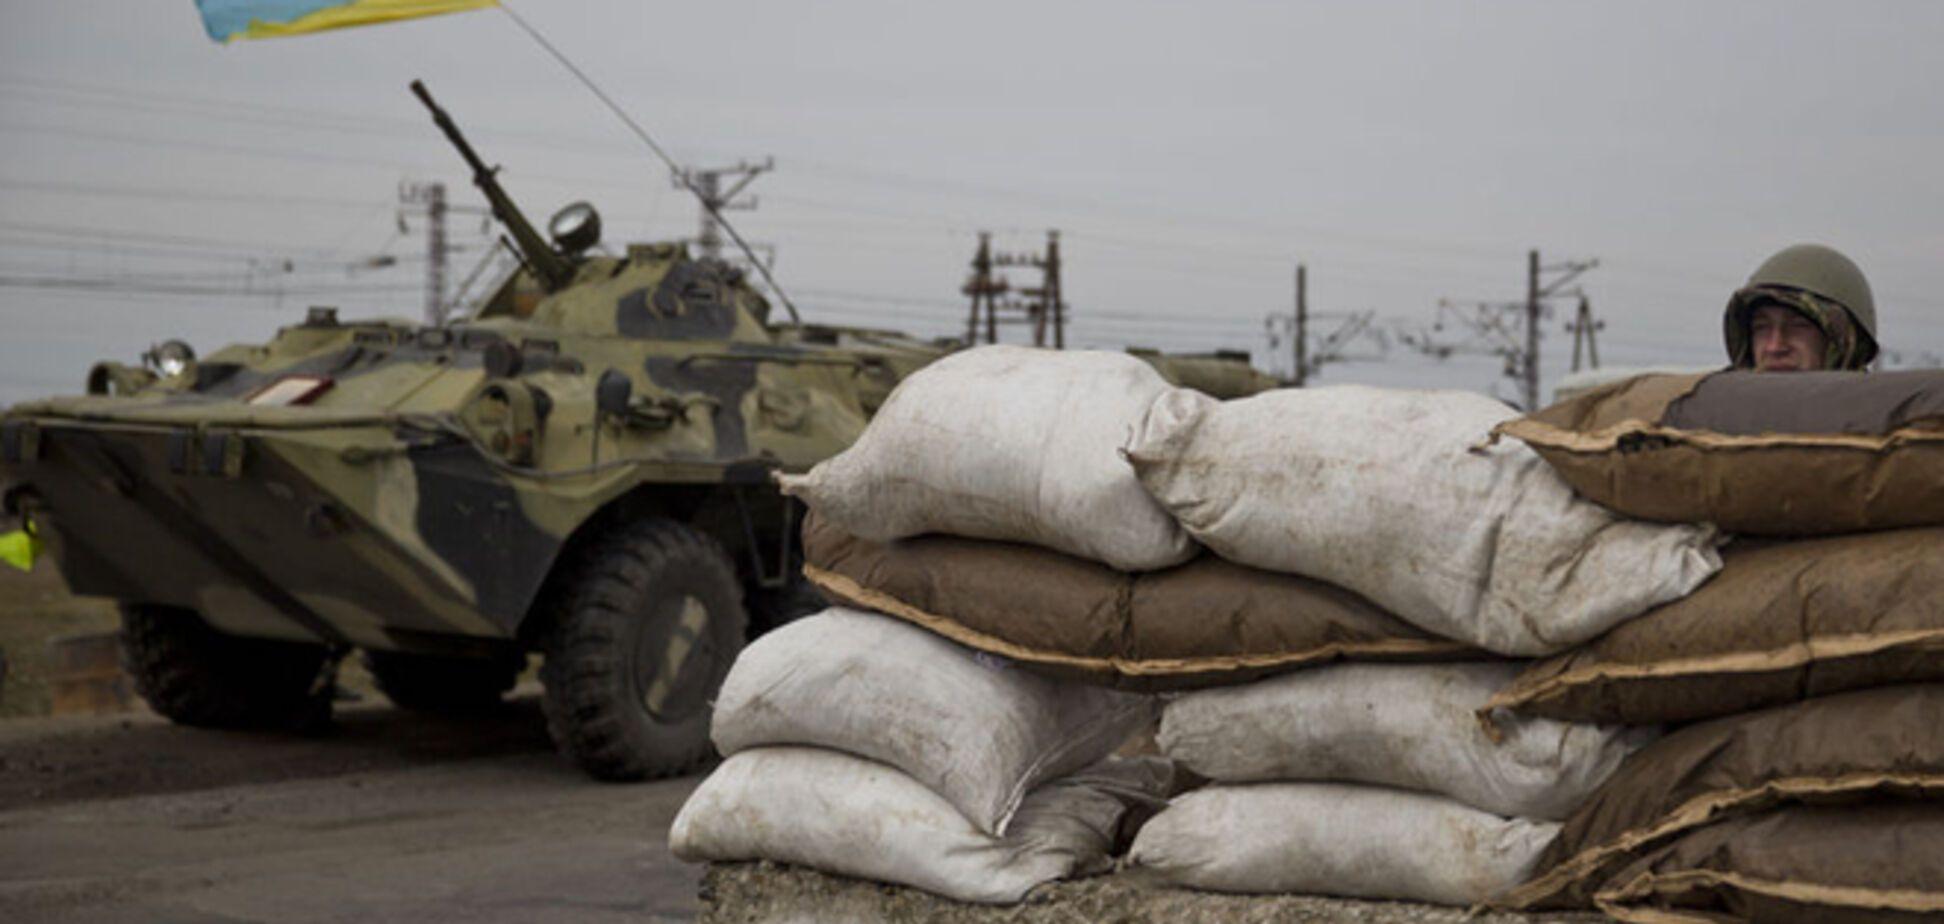 Житомирские милиционеры на Луганщине задержали авто с арсеналом оружия